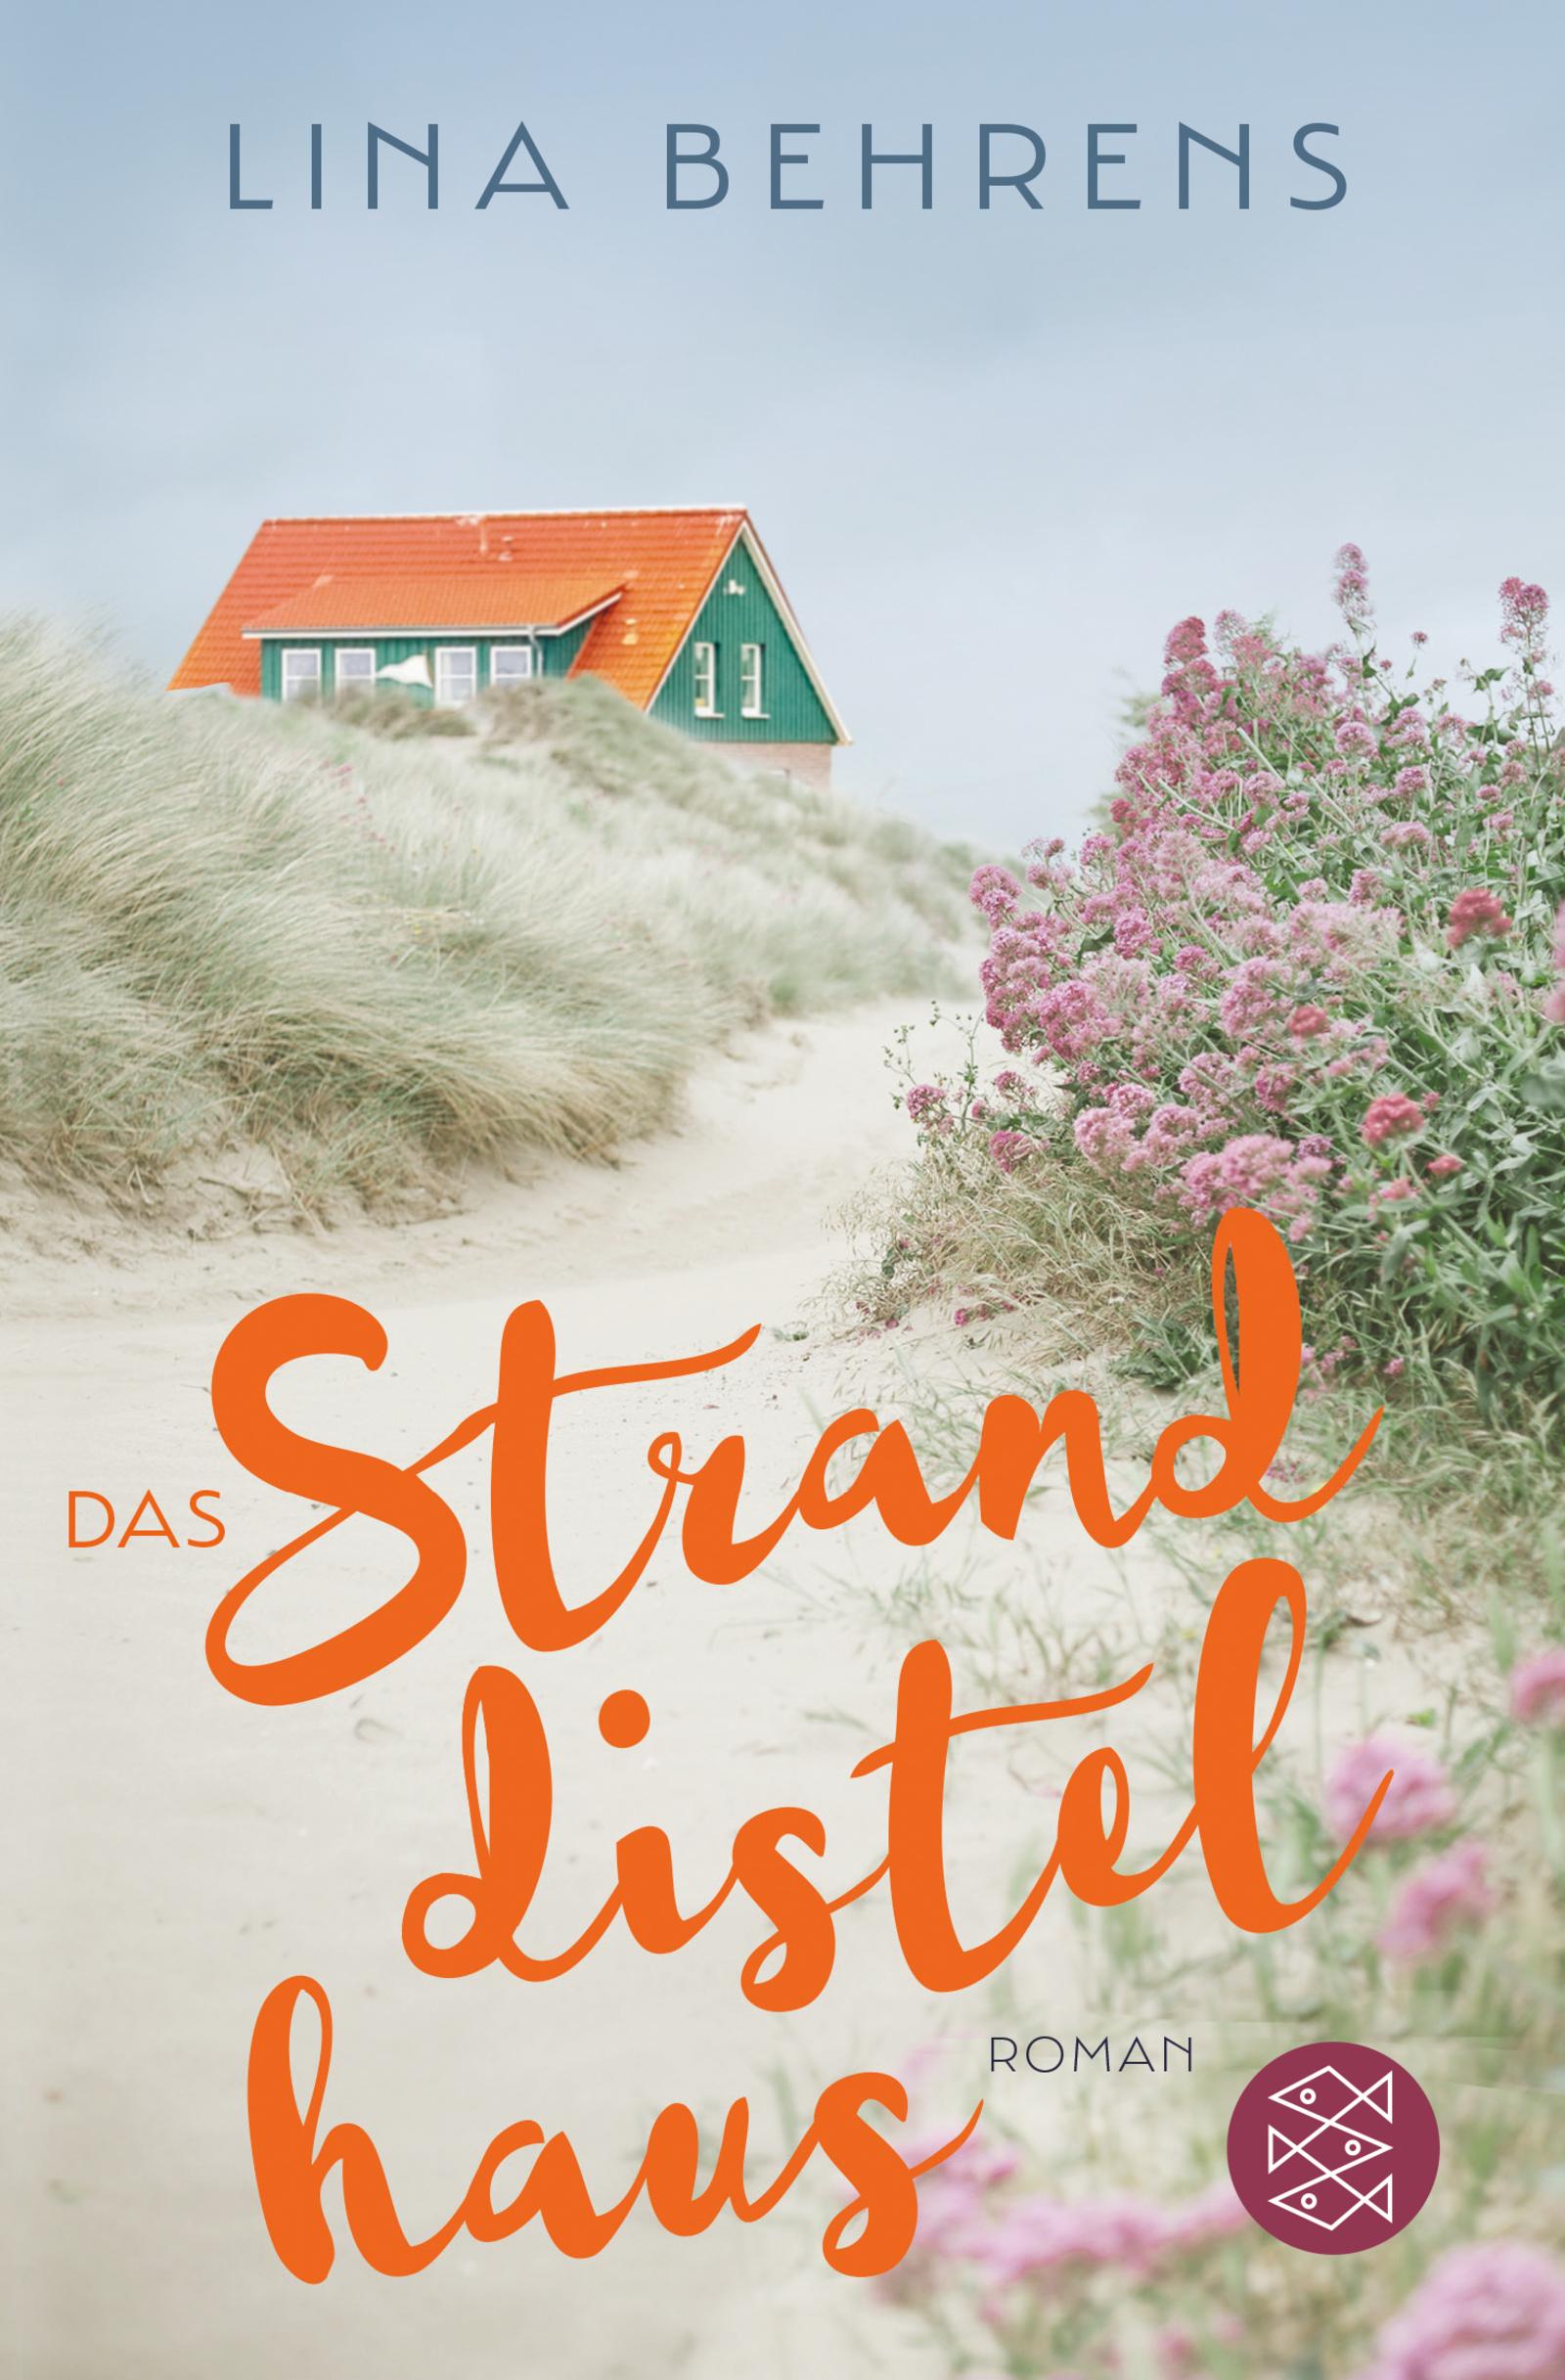 """Ab heute im Buchhandel: """"Das Stranddistelhaus"""""""